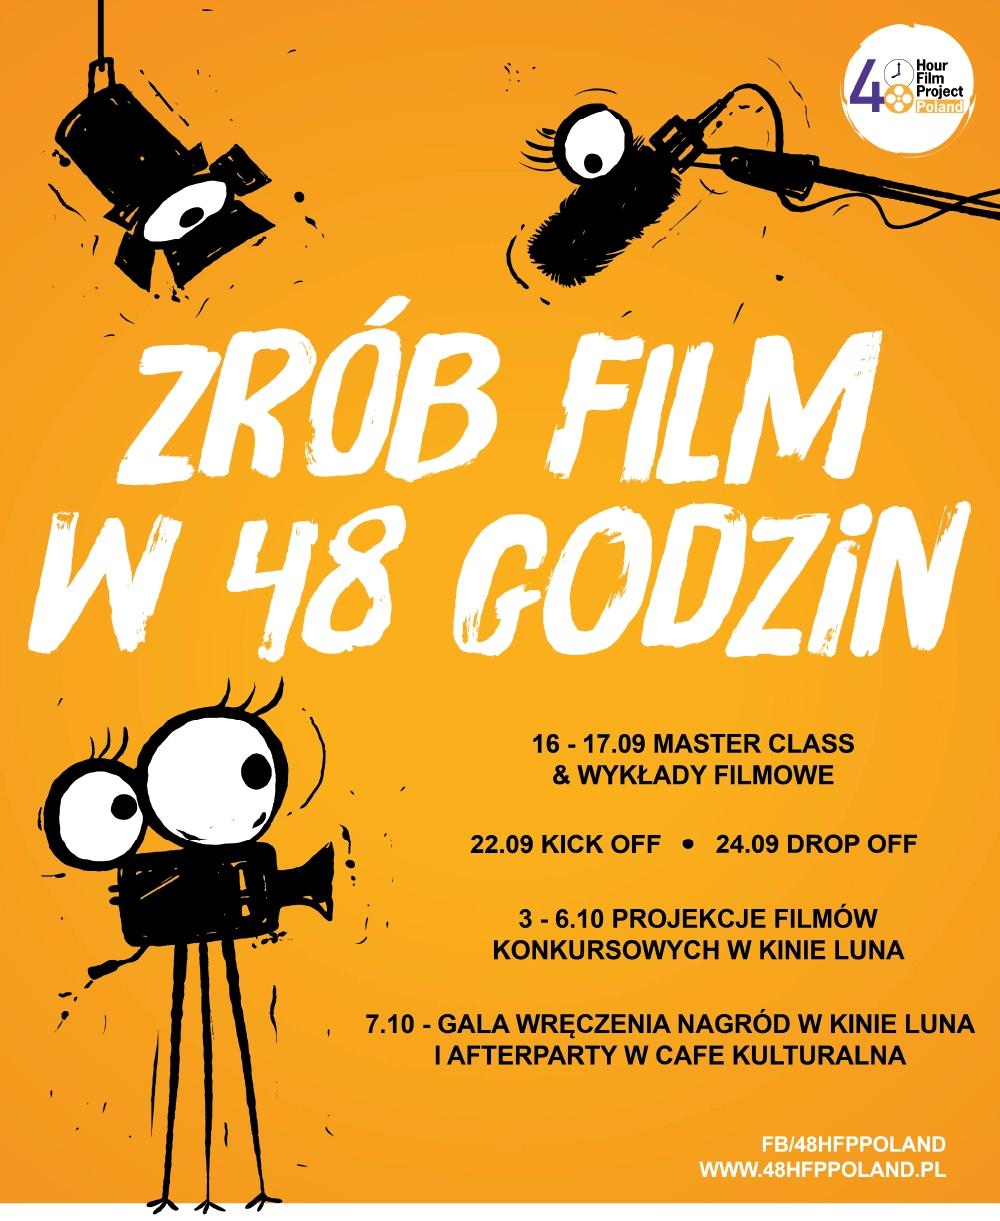 Festiwal 48 Hour Film Project (źródło: materiały prasowe organizatora)